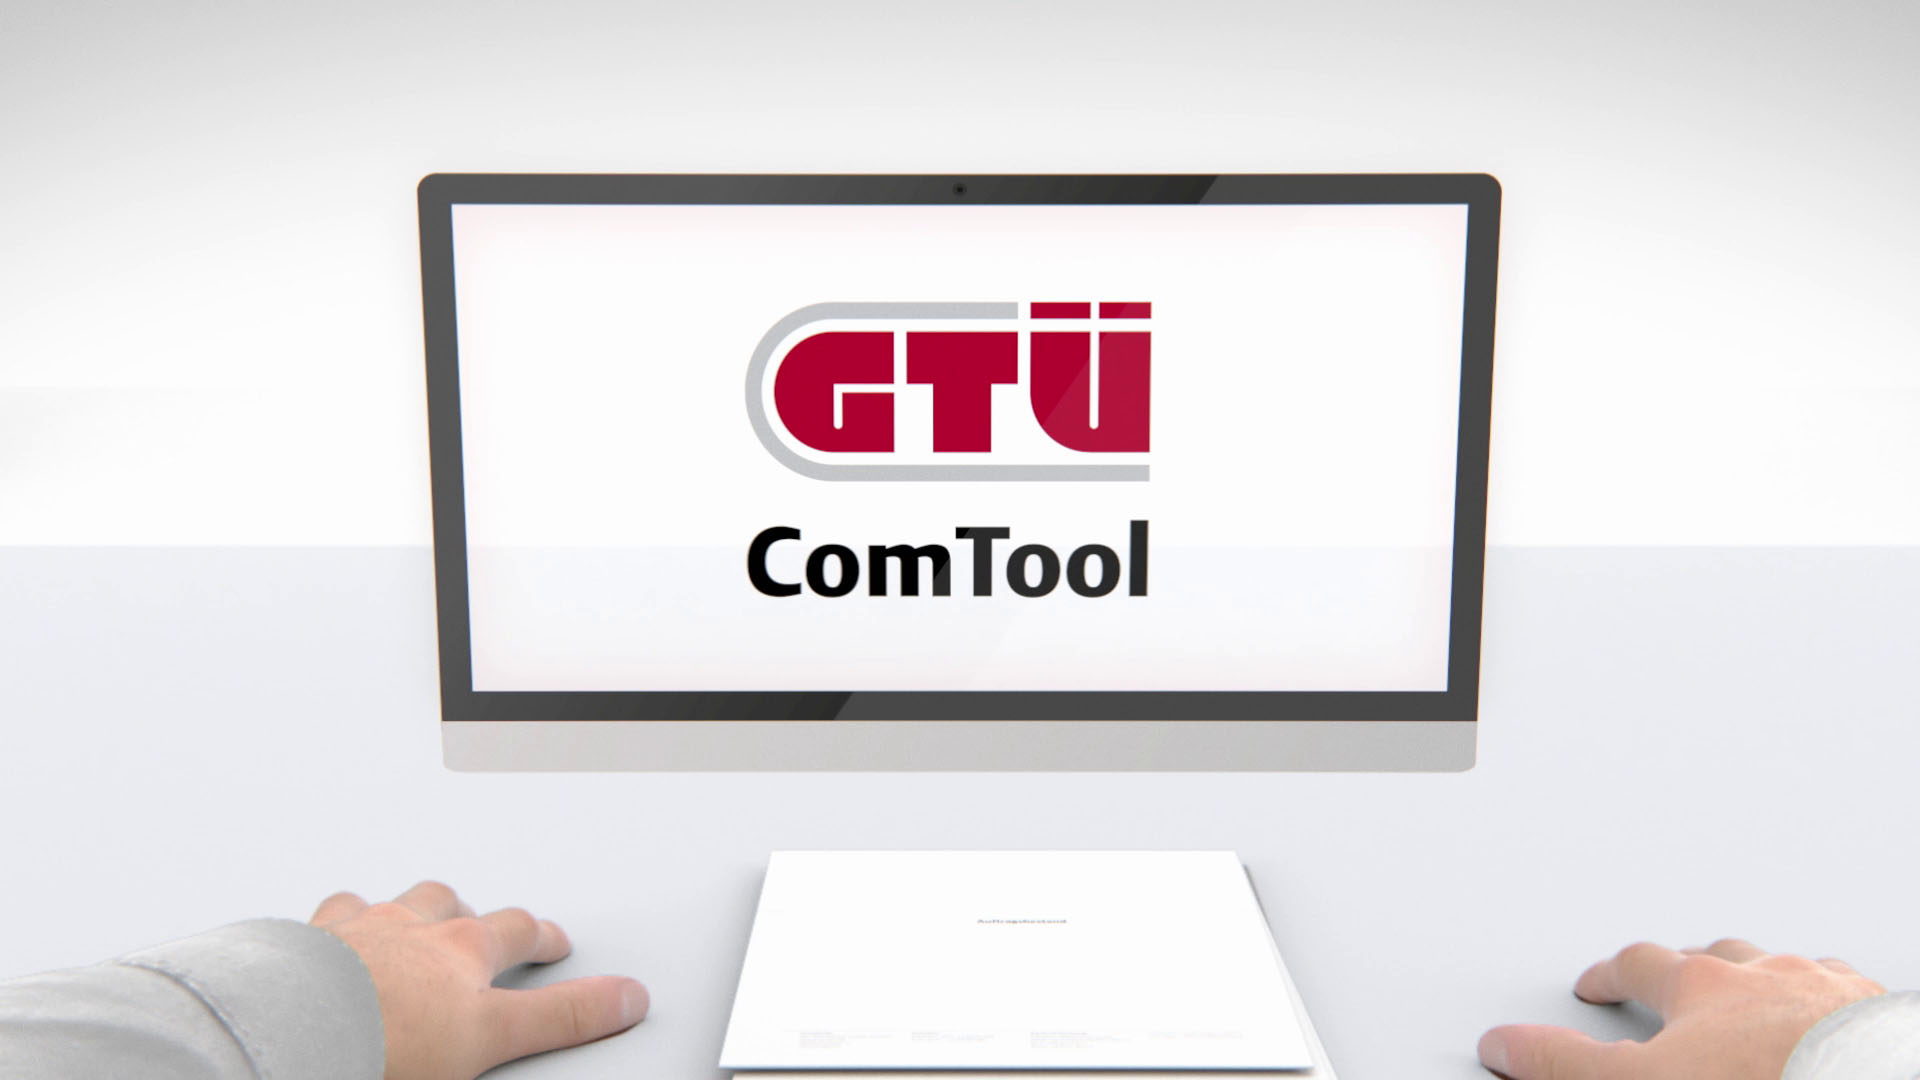 Ausschnitt aus GTÜ Hands Motion Capture - Bildschirm mit Logo der Software